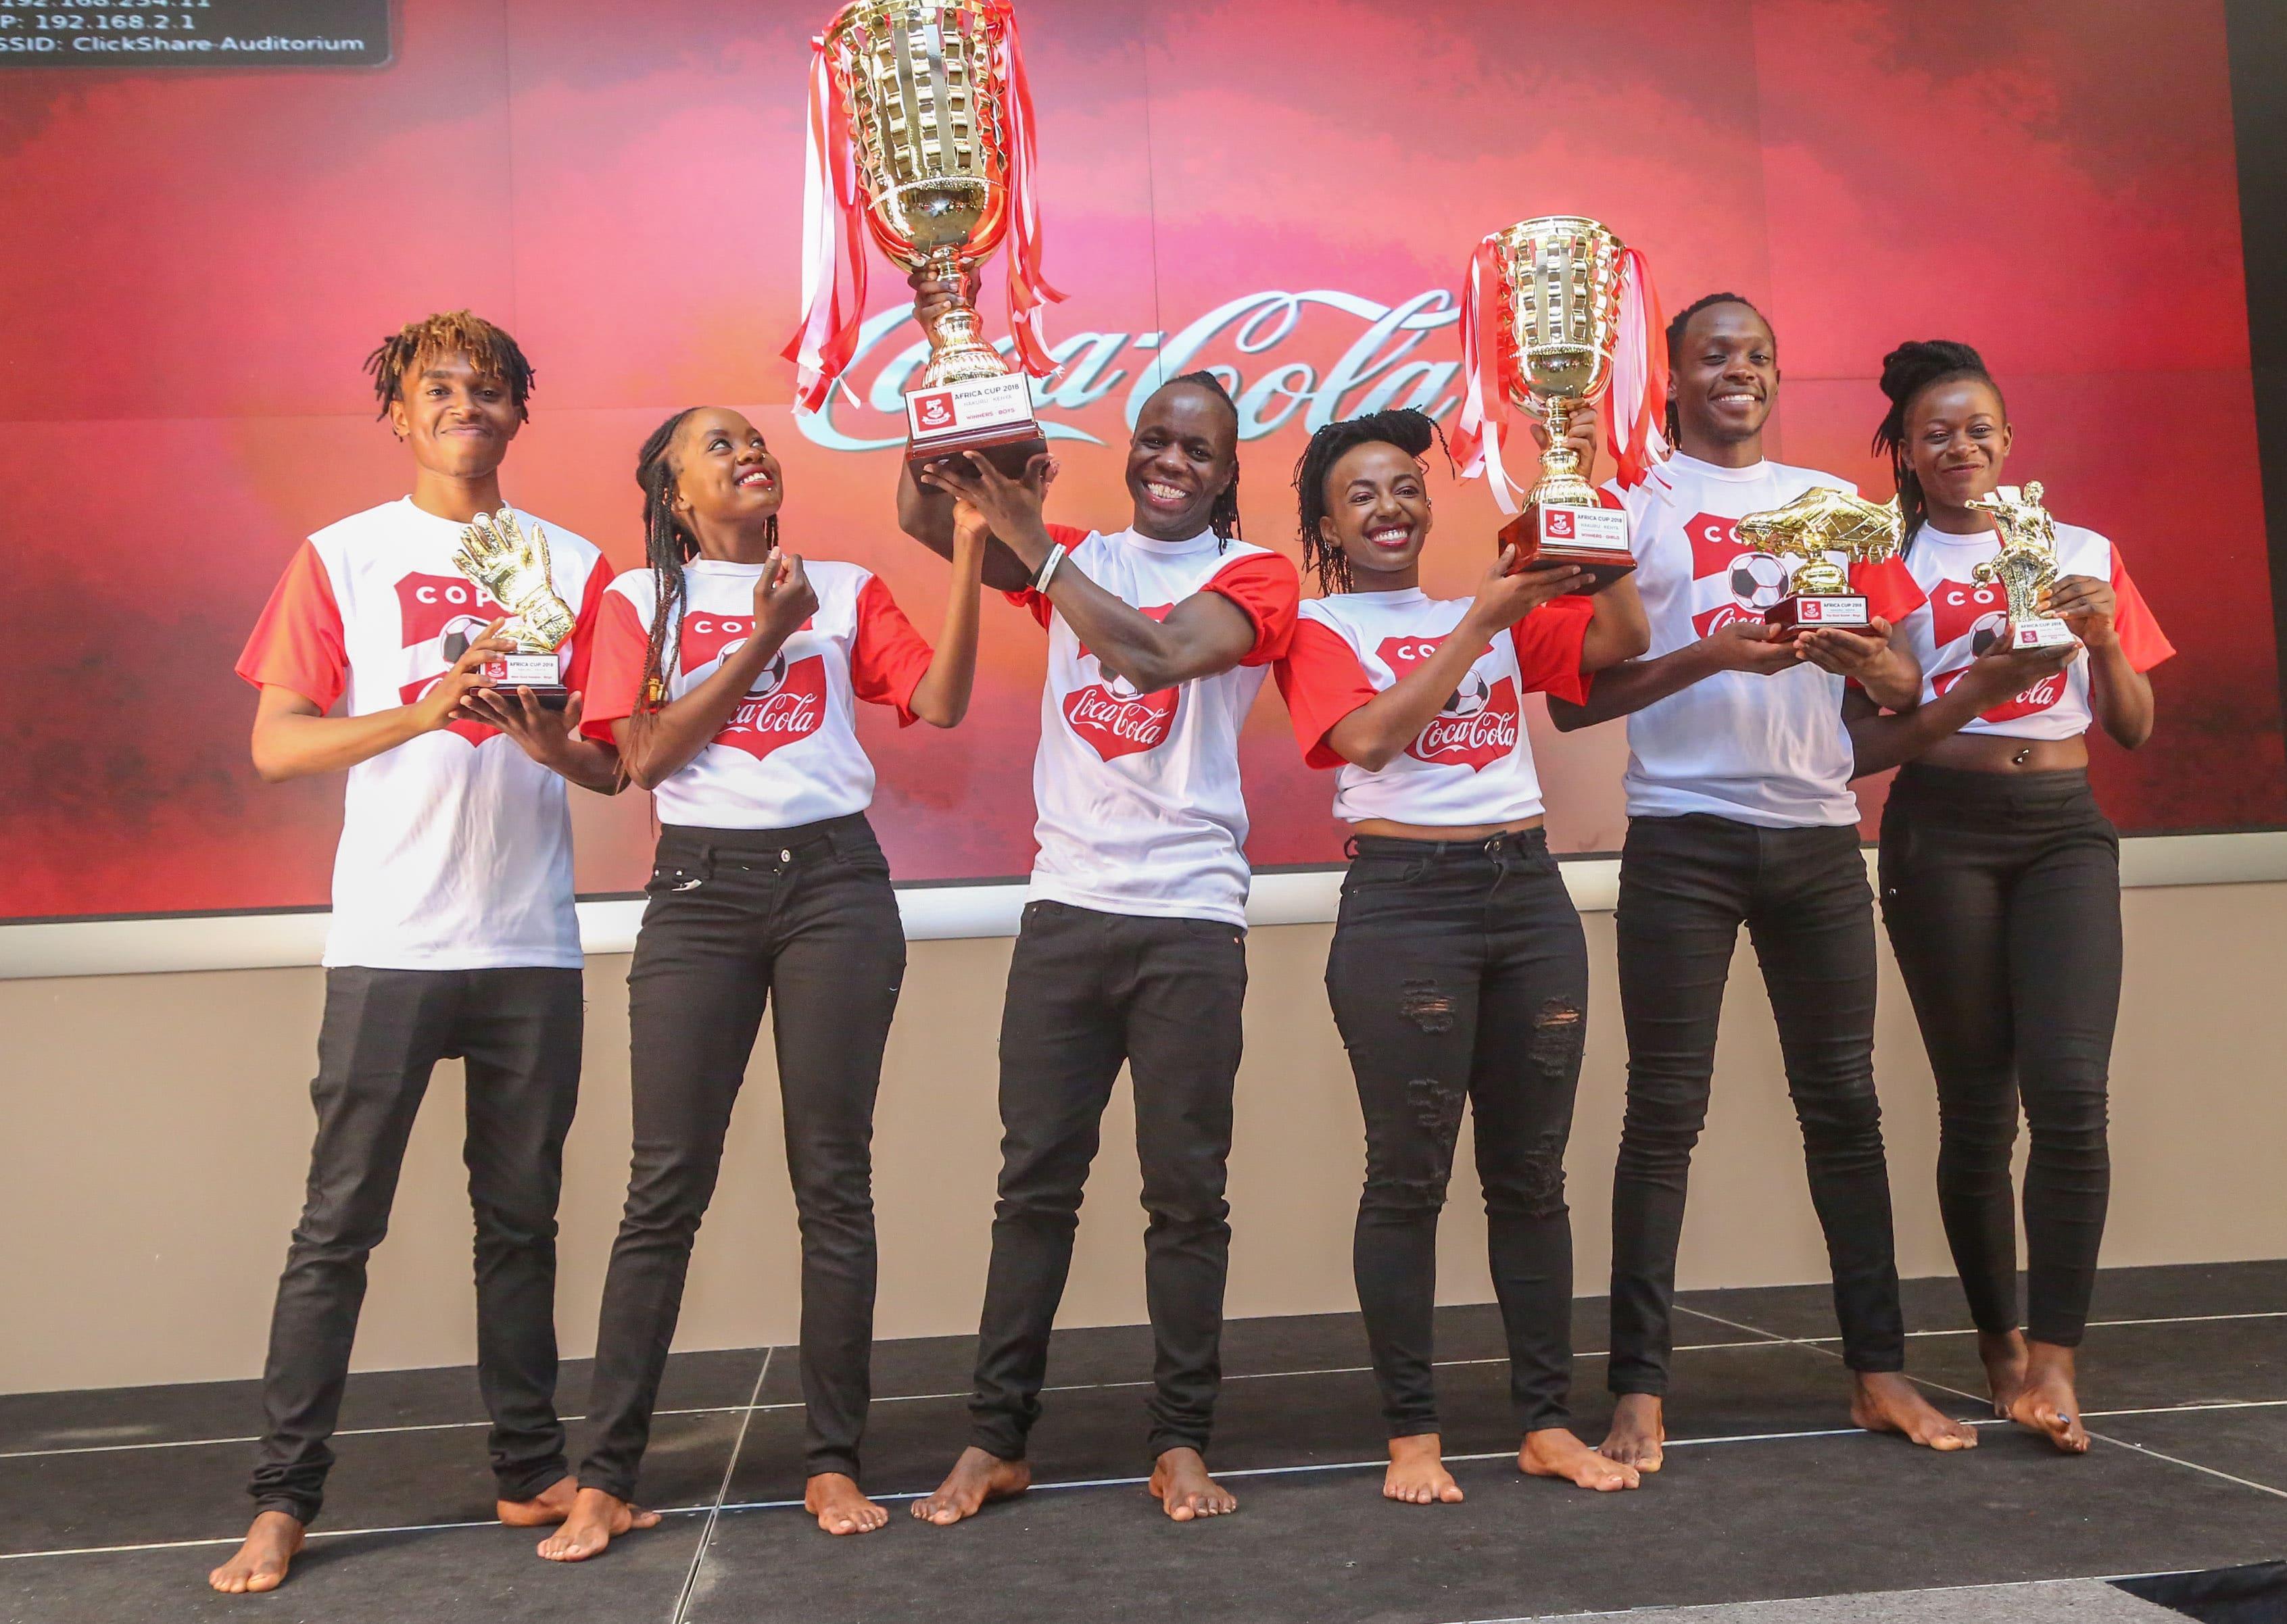 - IMAGE 1 - Coca-cola junta pela primeira vez, jovens craques africanos no Quênia